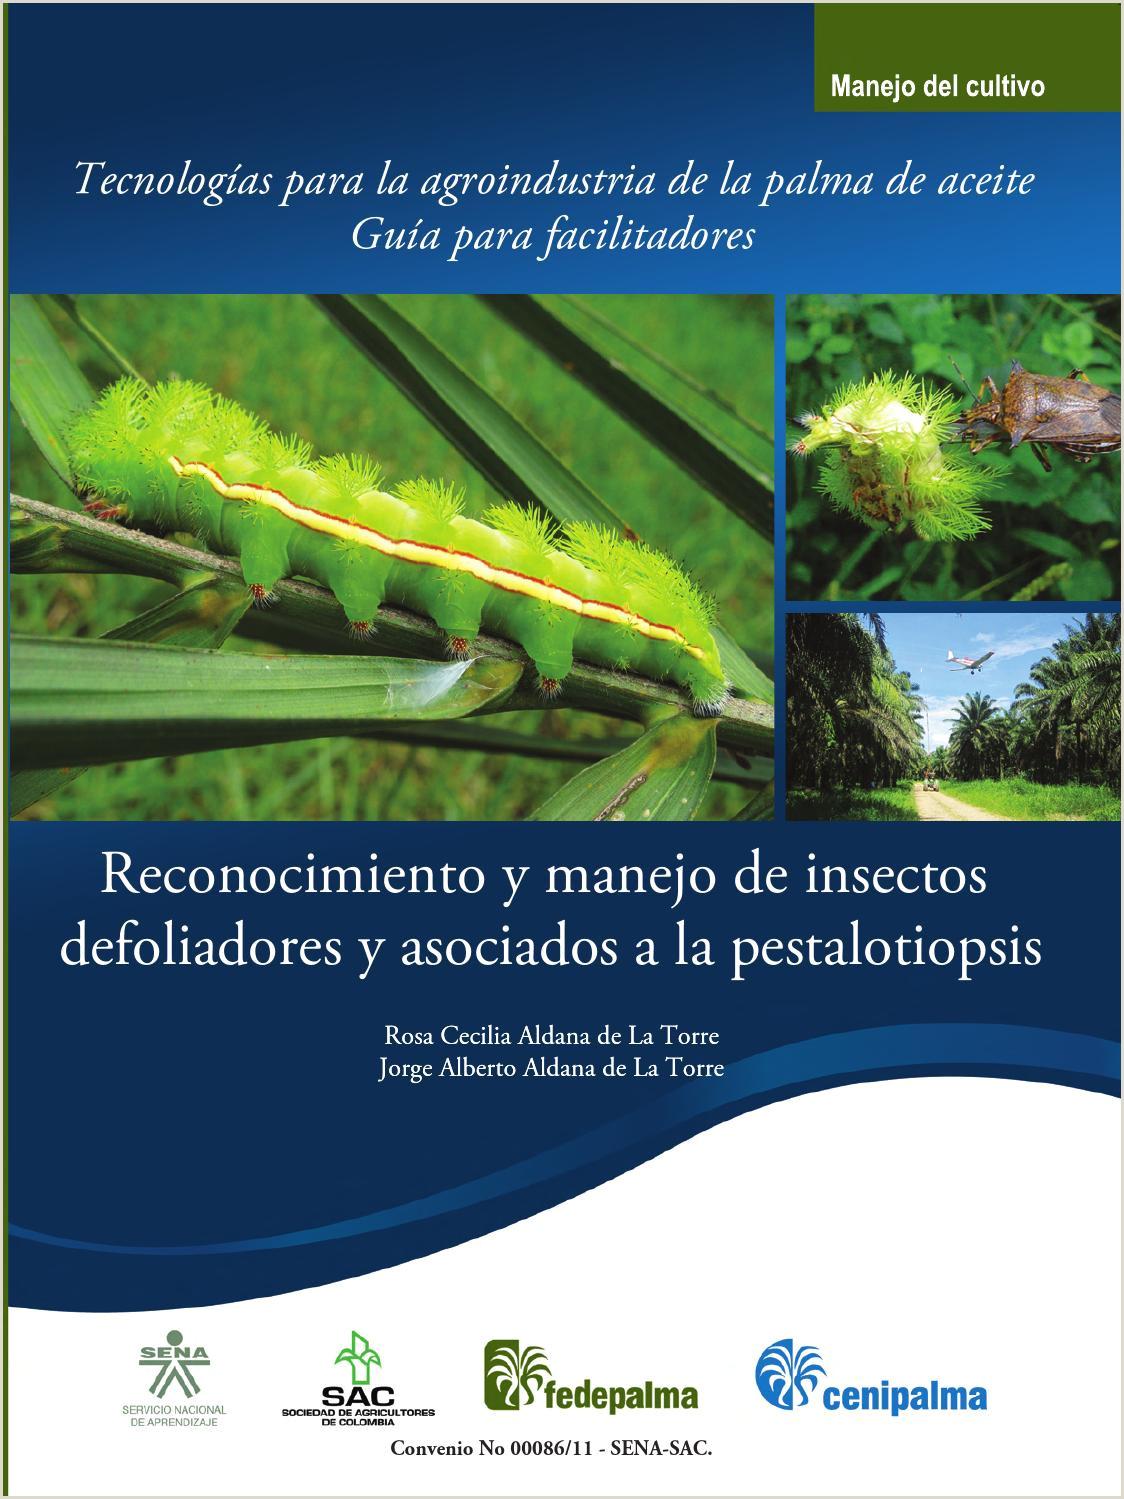 Gua de reconocimiento y manejo de insectos defoliadores y